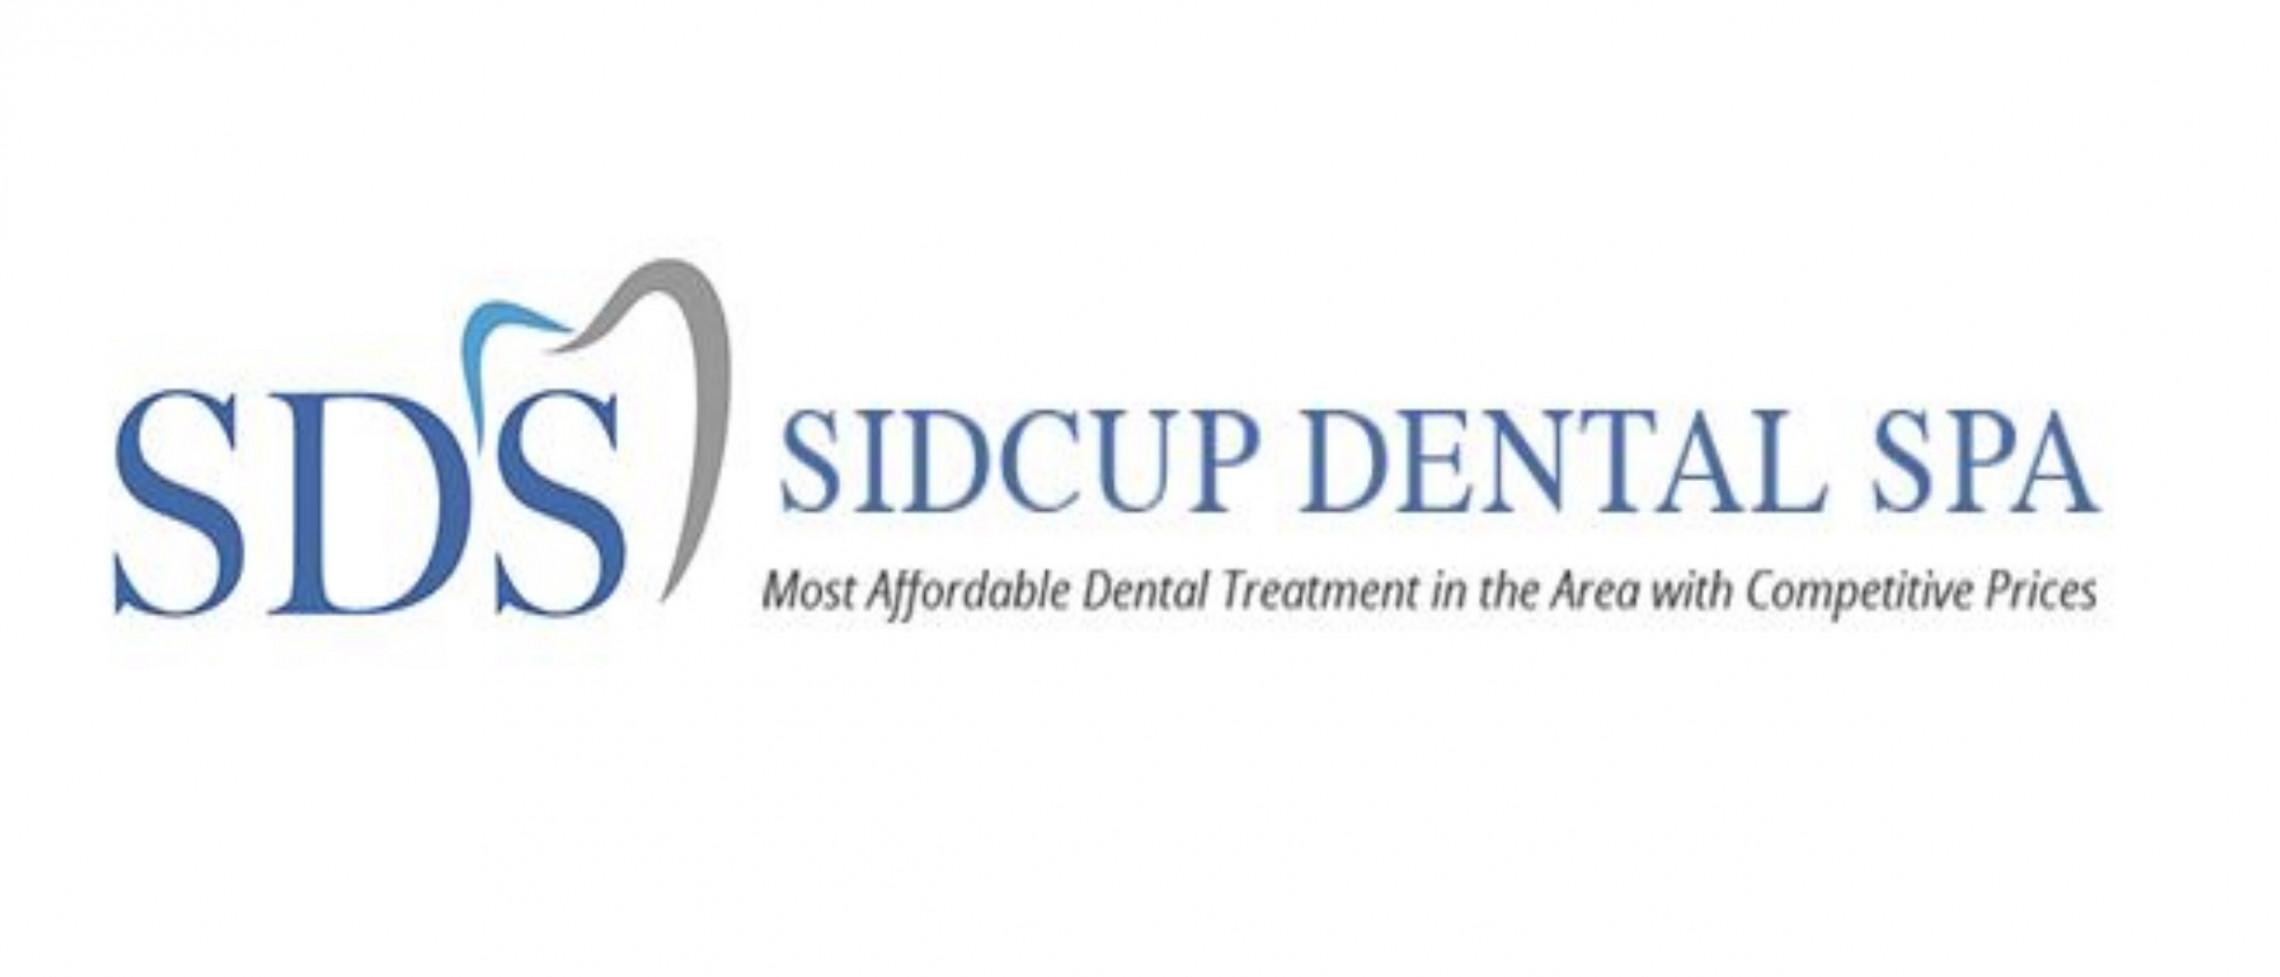 sidcup dental spa